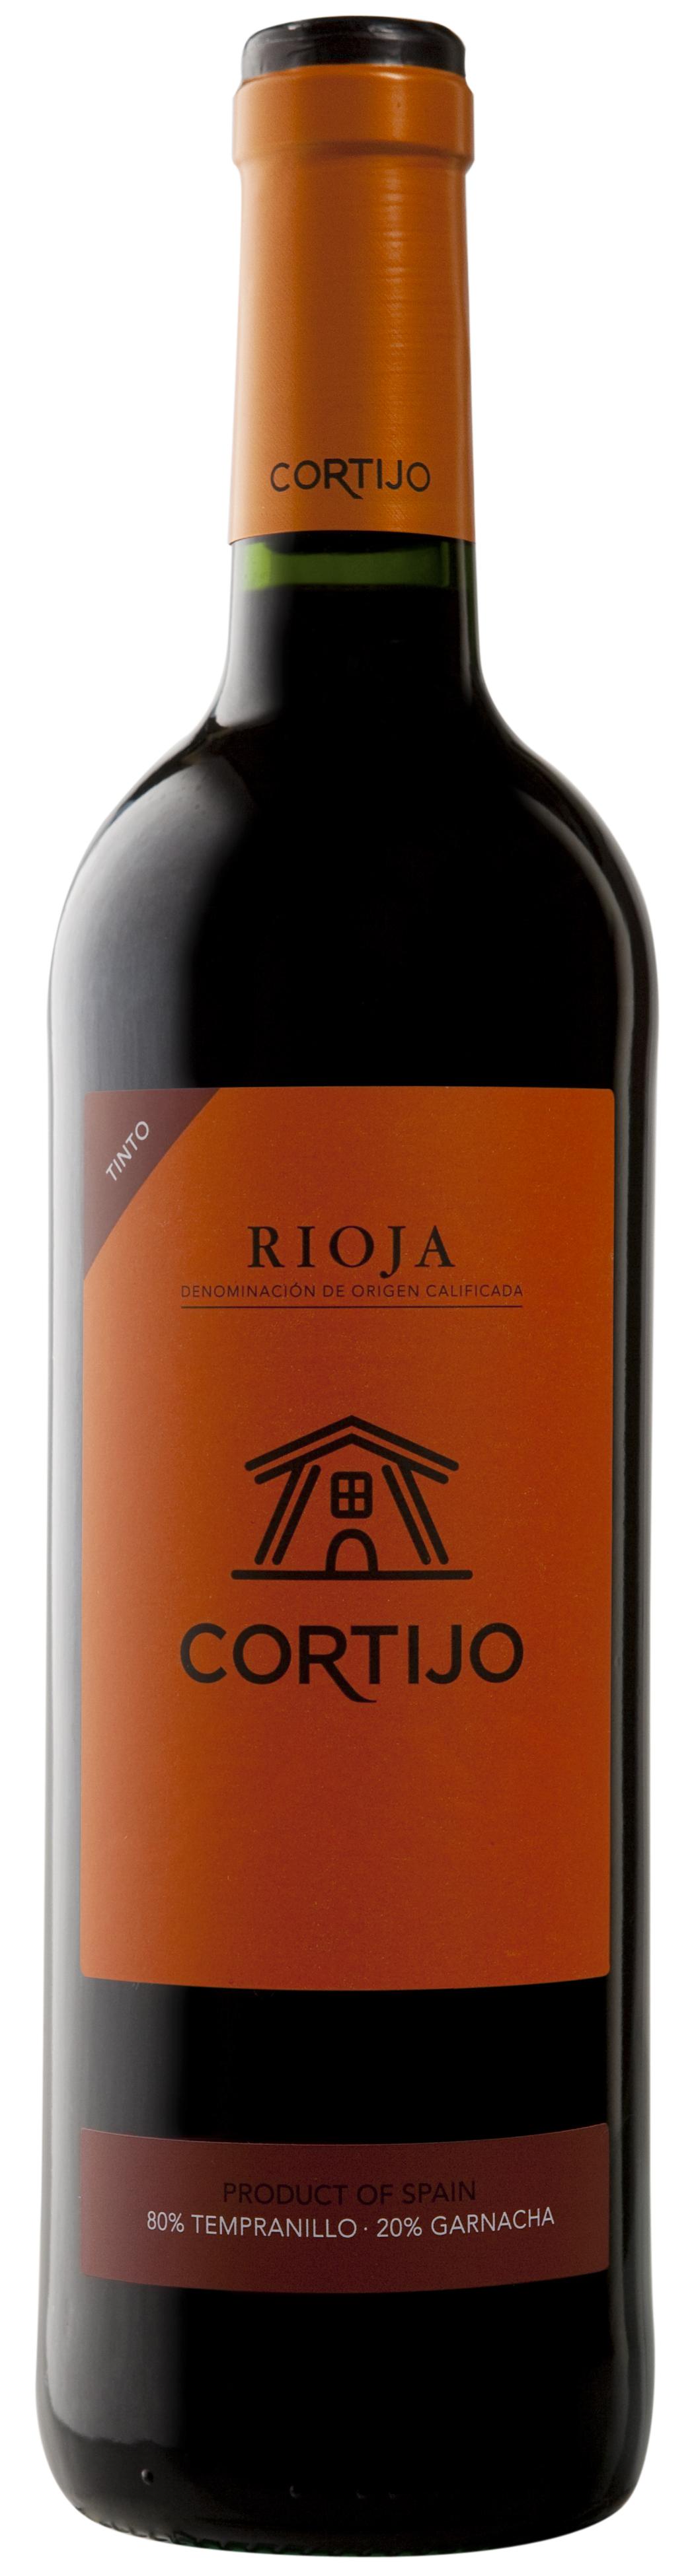 Cortijo Rioja Tinto 2010 1 50l 16 Botellas De Vino Vino Rioja Vino